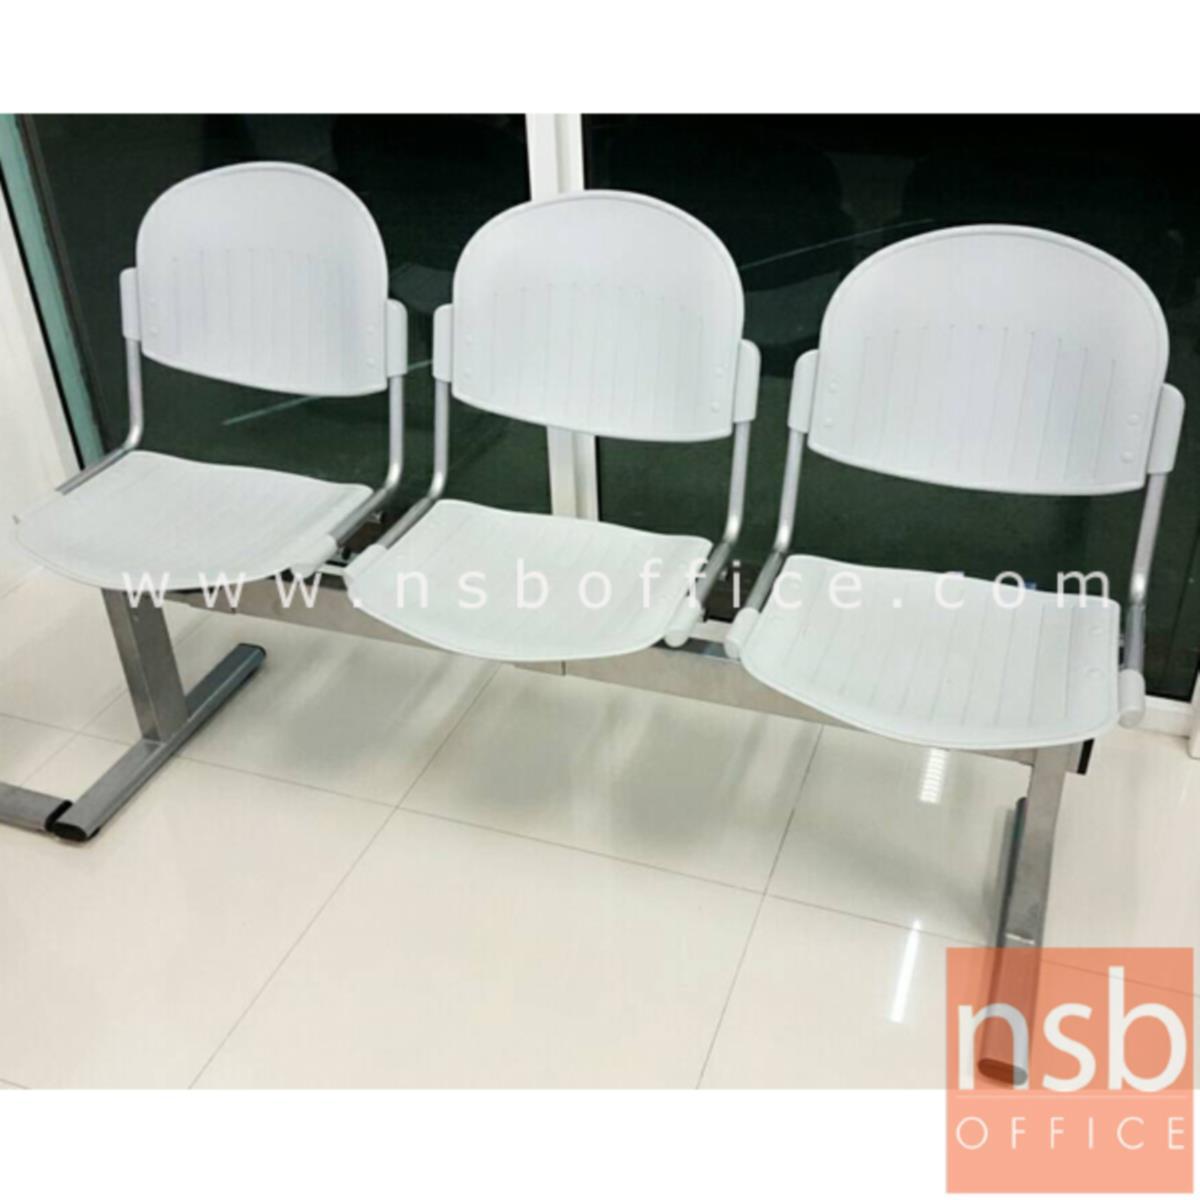 เก้าอี้นั่งคอยเฟรมโพลี่ รุ่น B856 2 ,3 ,4 ที่นั่ง ขนาด 102W ,158W ,212W cm. ขาเหล็ก